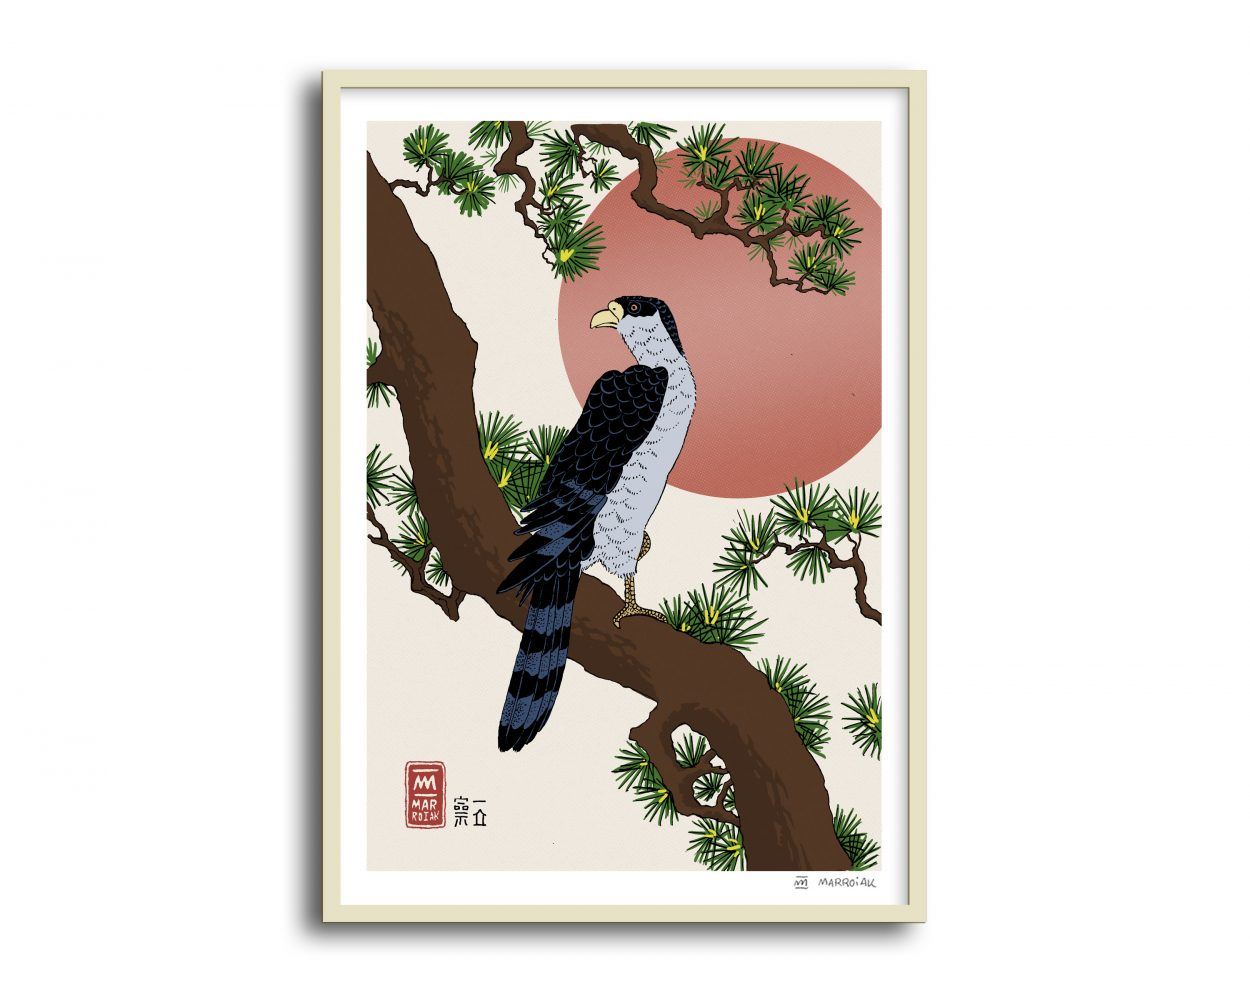 Lámina con la ilustración de un Halcón sobre una rama de pino - Versión de la estampa japonesa o ukiyo e de Hiroshige